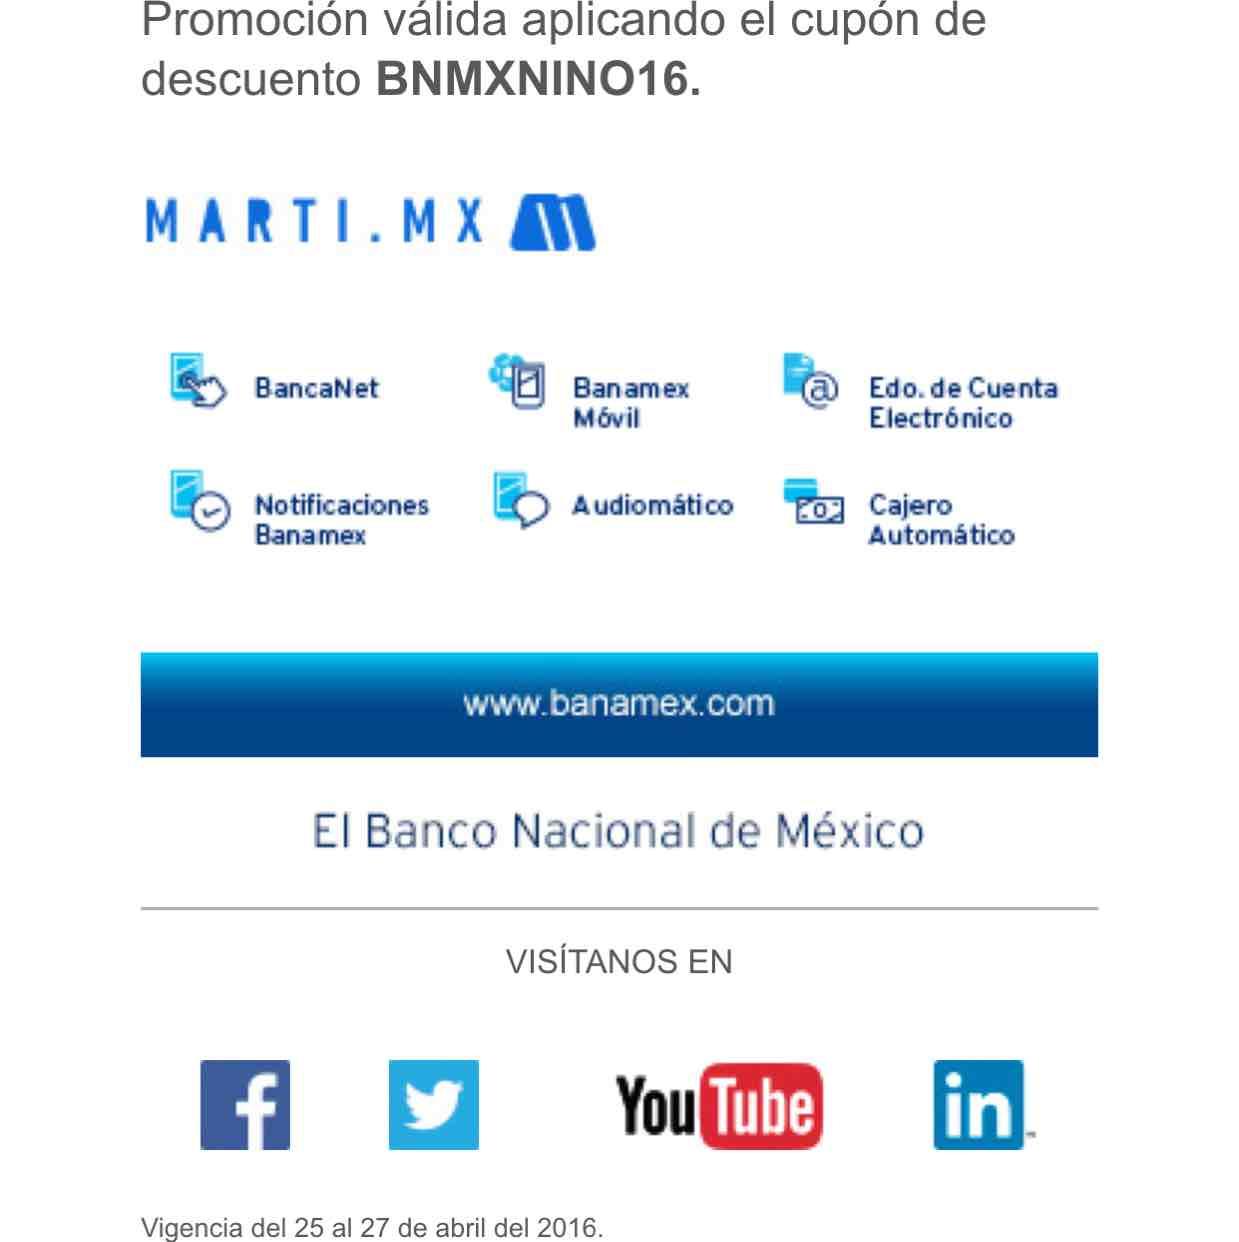 Martí en línea: hasta 20% de descuento con tarjetas Banamex en productos seleccionados